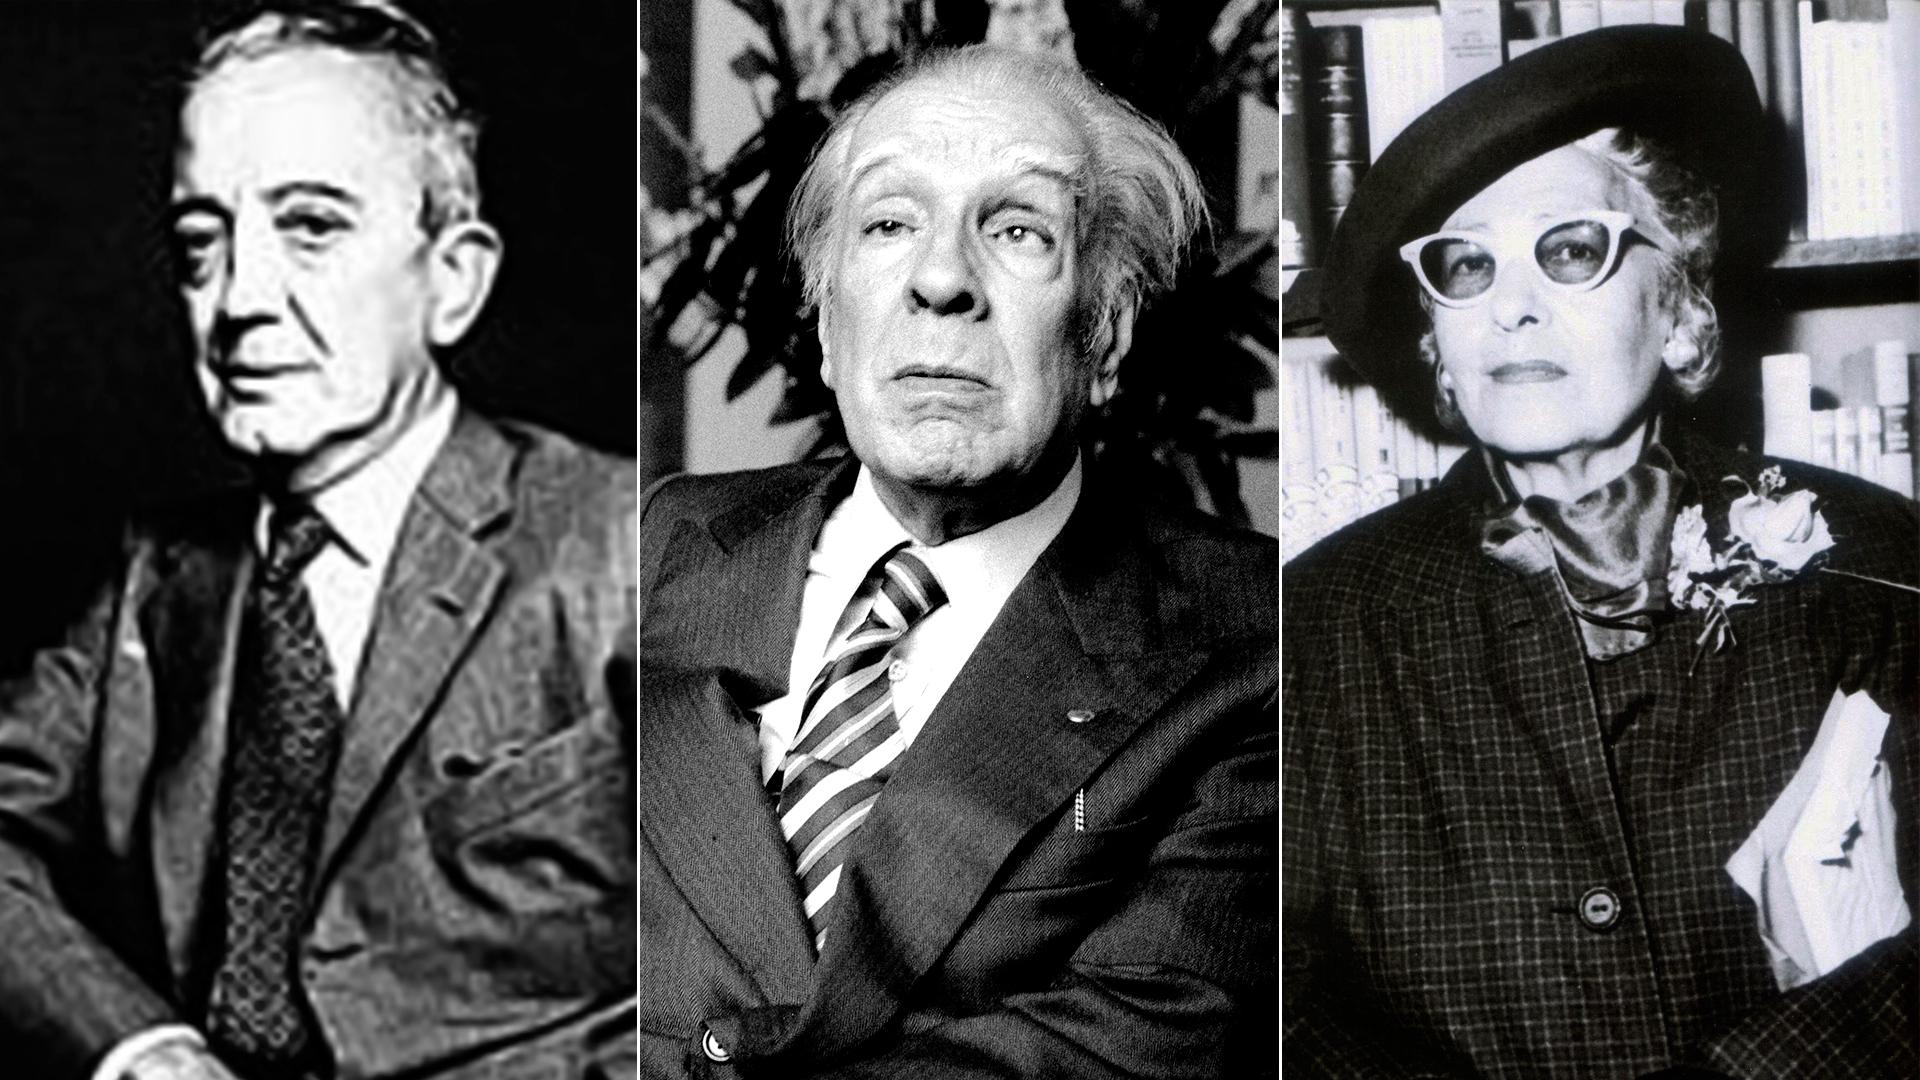 José Bianco, Victoria Ocampo y Jorge Luis Borges son los modelos de traductores que eligió Willson para su ensayo